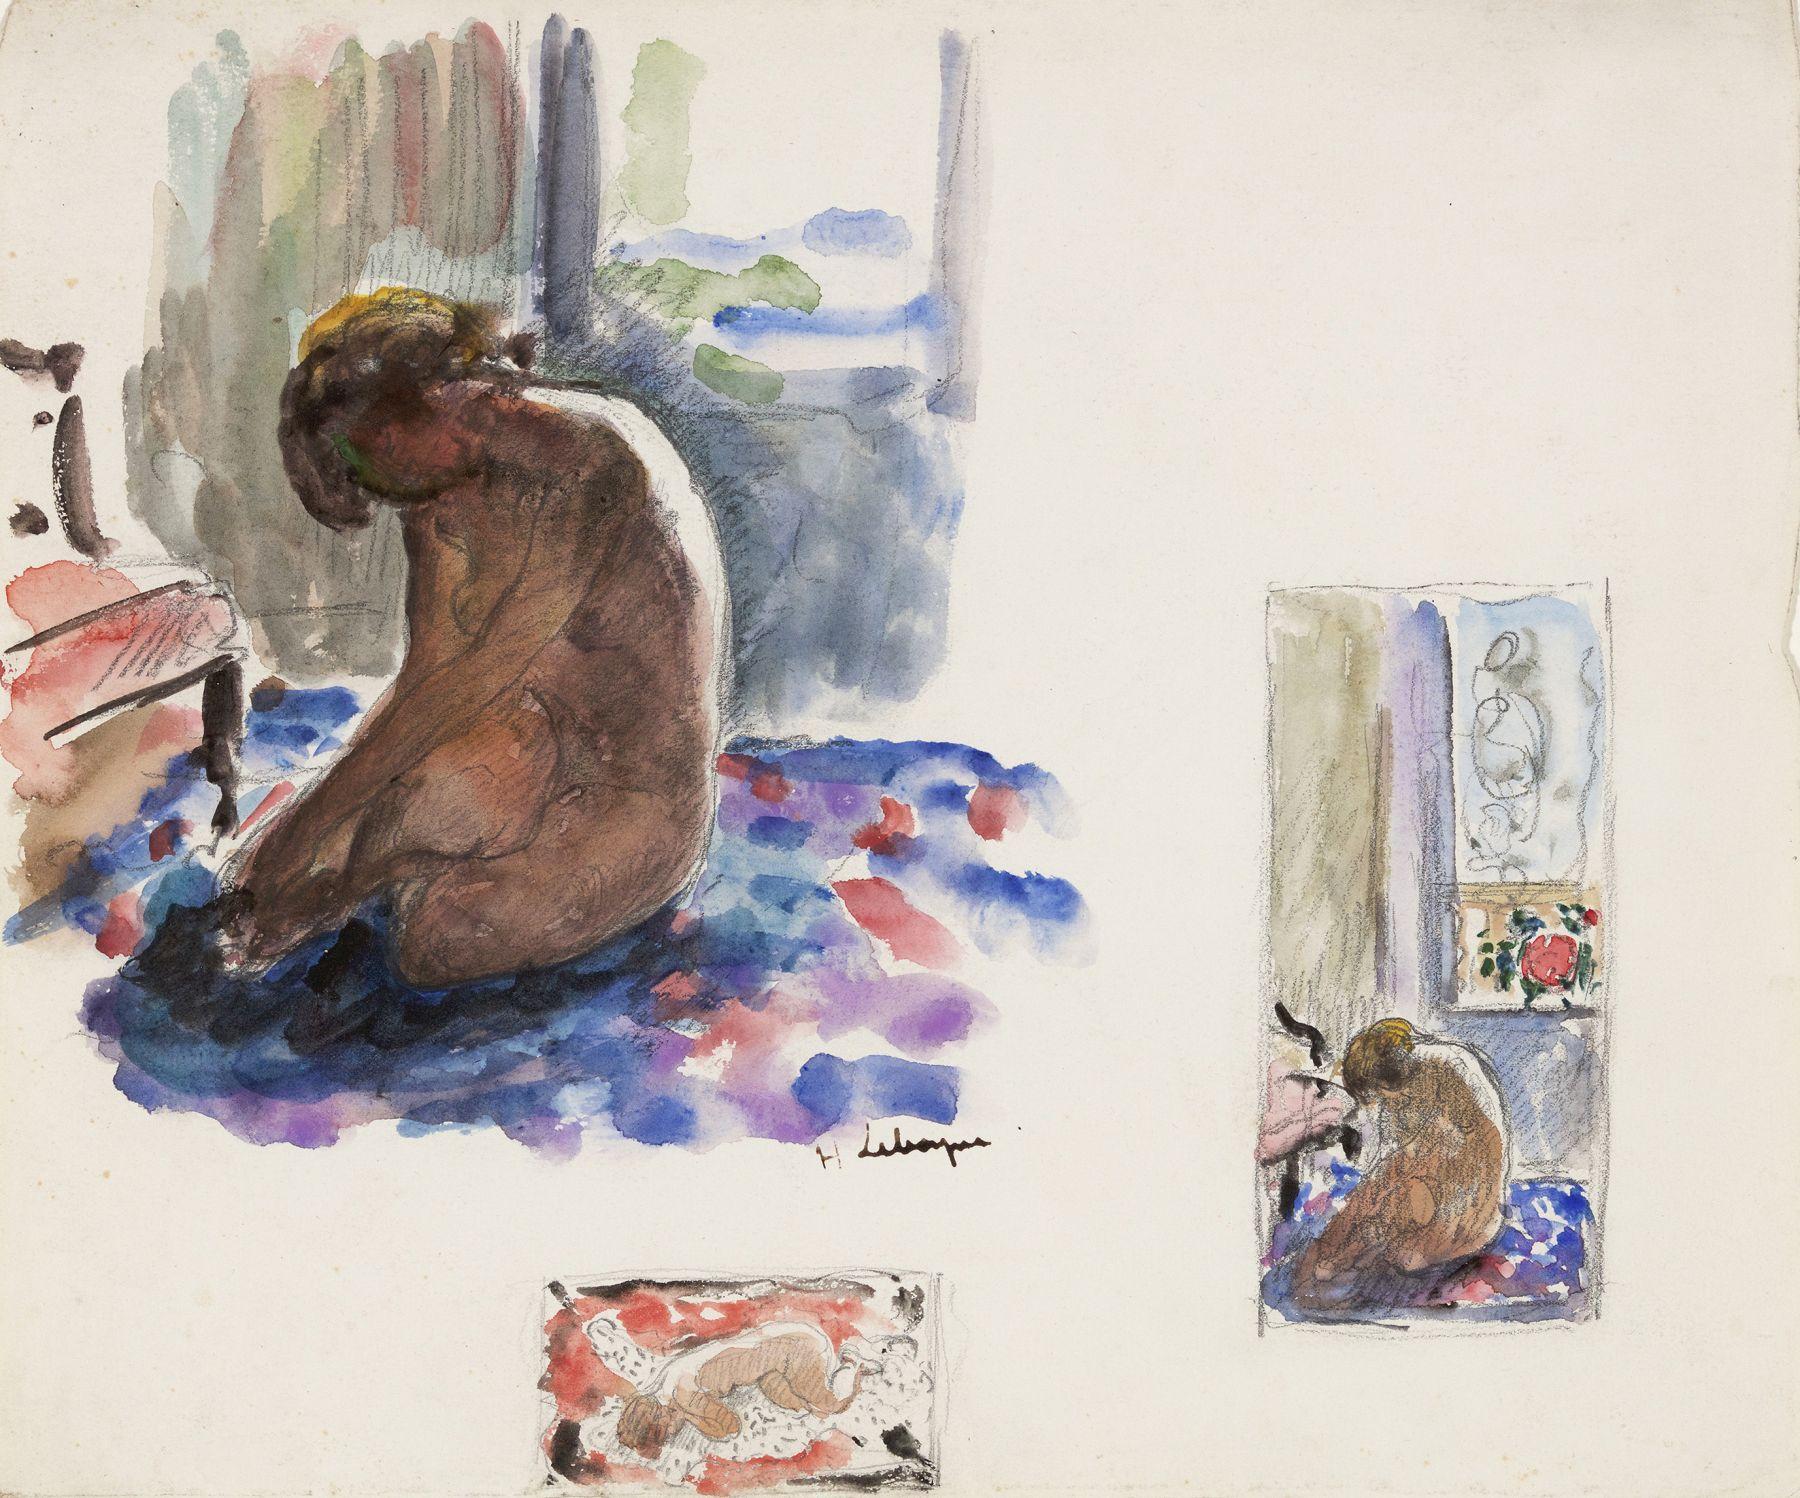 Henri Lebasque  Nude Studies (Etudes de Nus)  Watercolor on paper 11 1/4 x 13 1/2 inches